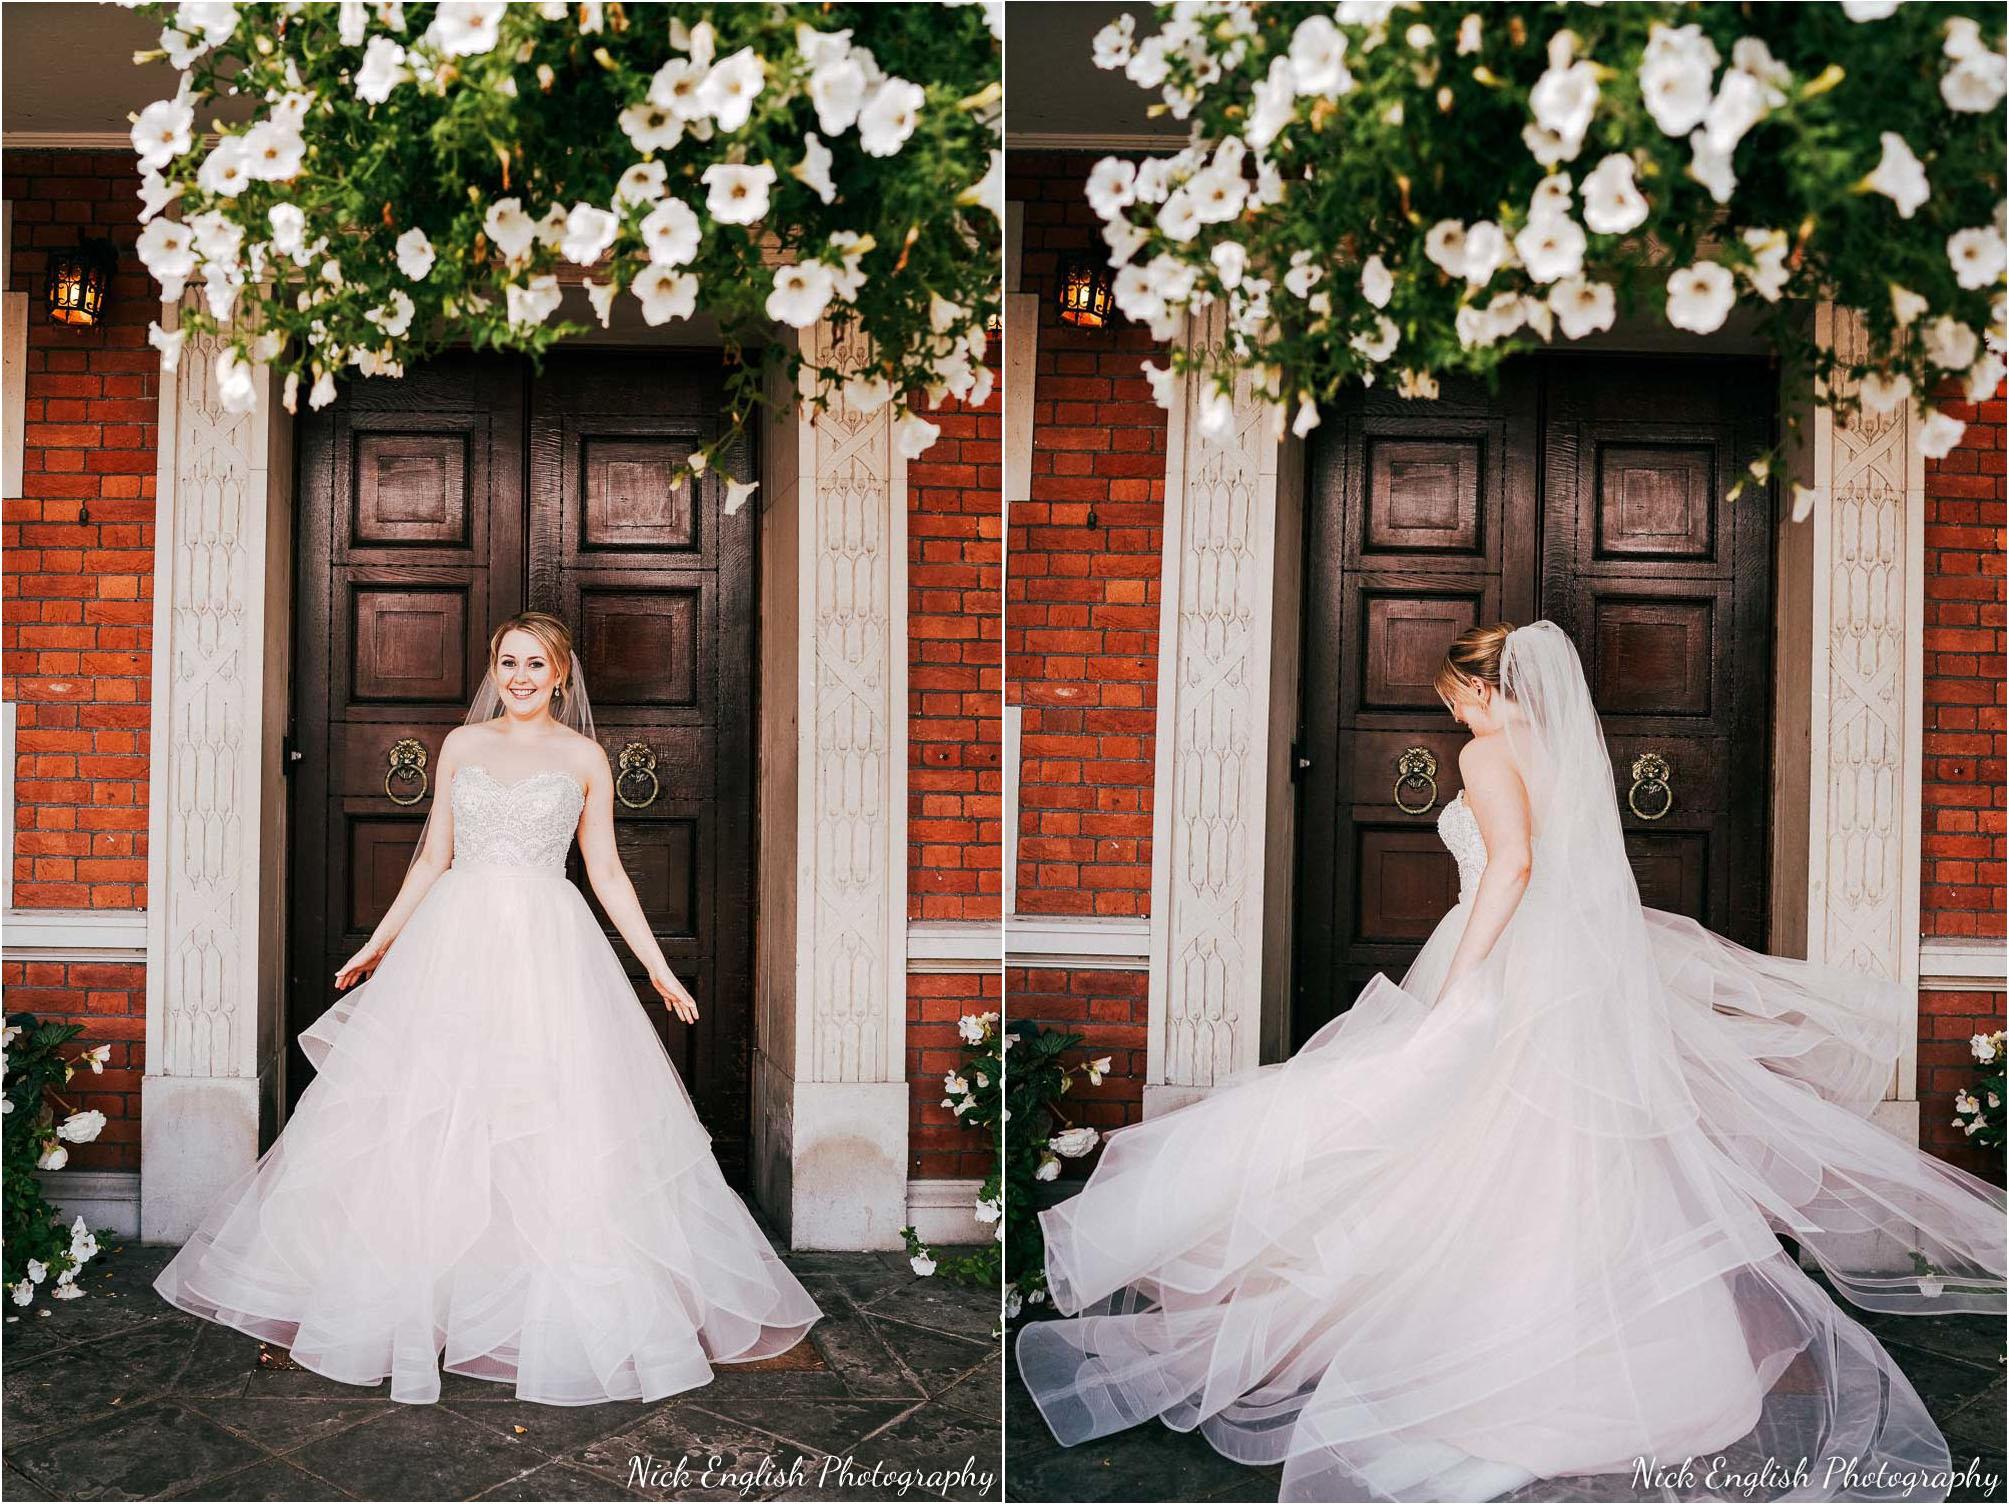 Eaves_Hall_Wedding_Photographer-83a.jpg